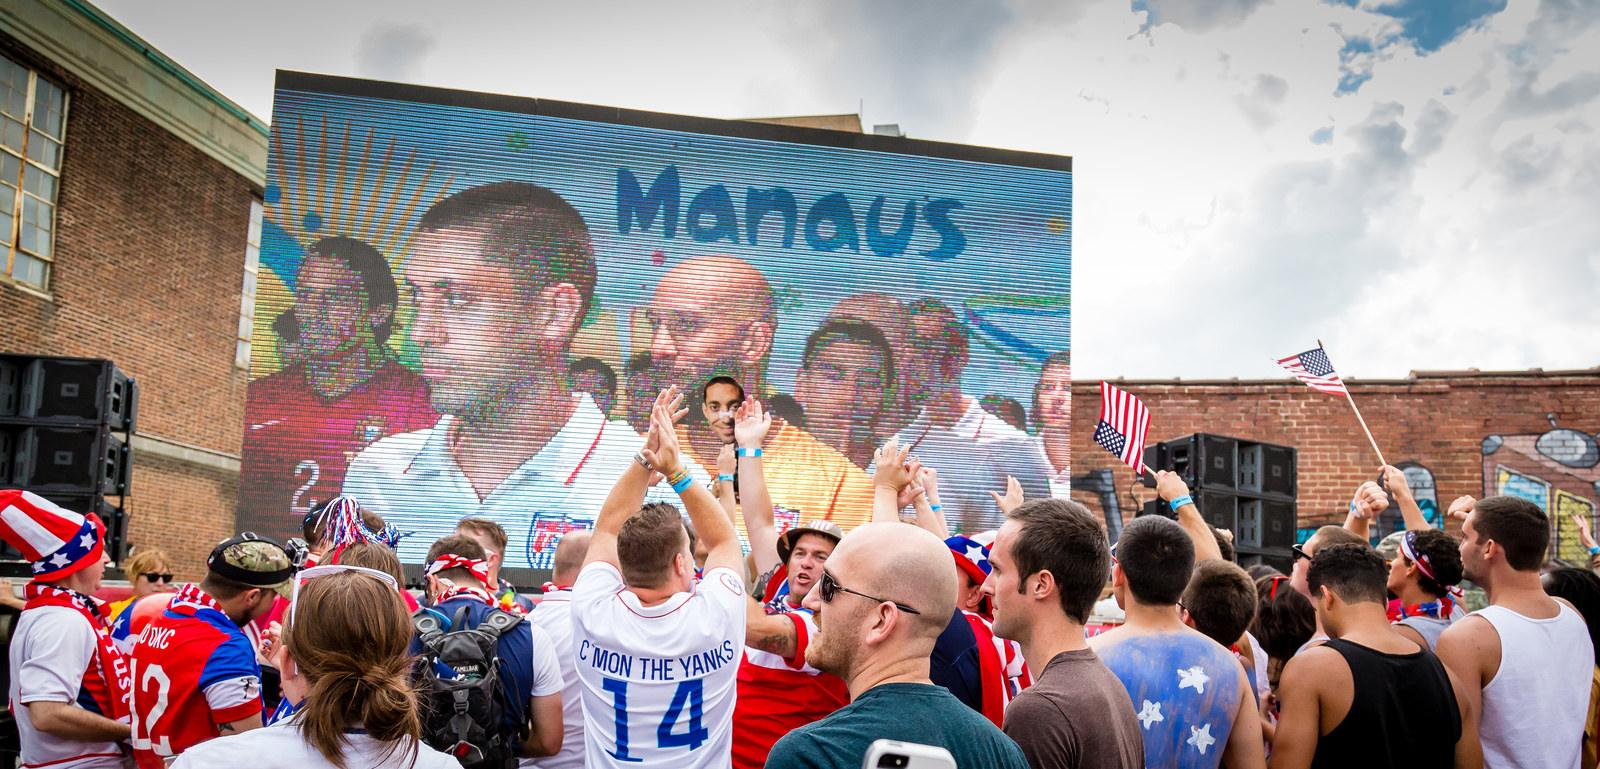 Adeptos dos Estados Unidos assistem em Richmond a um jogo da selecção americana